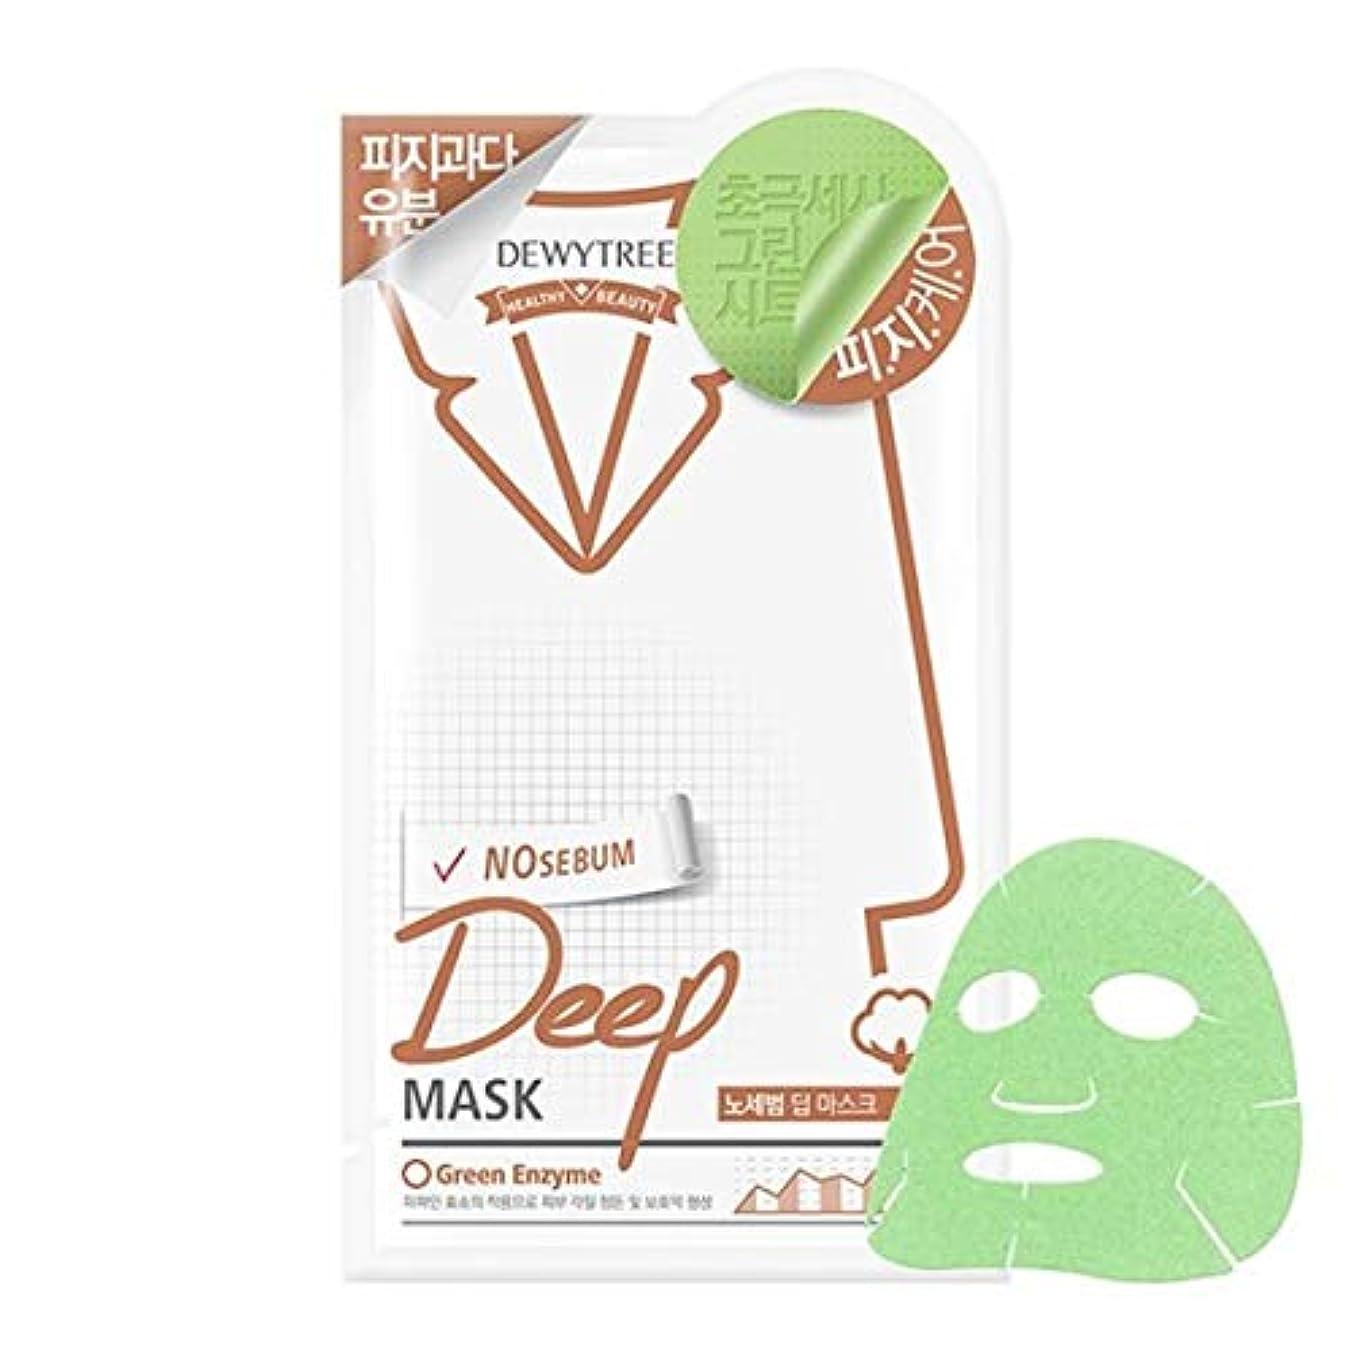 予約首相仲良し(デューイトゥリー) DEWYTREE ノセボムディープマスク 20枚 Nosebum Deep Mask 韓国マスクパック (並行輸入品)